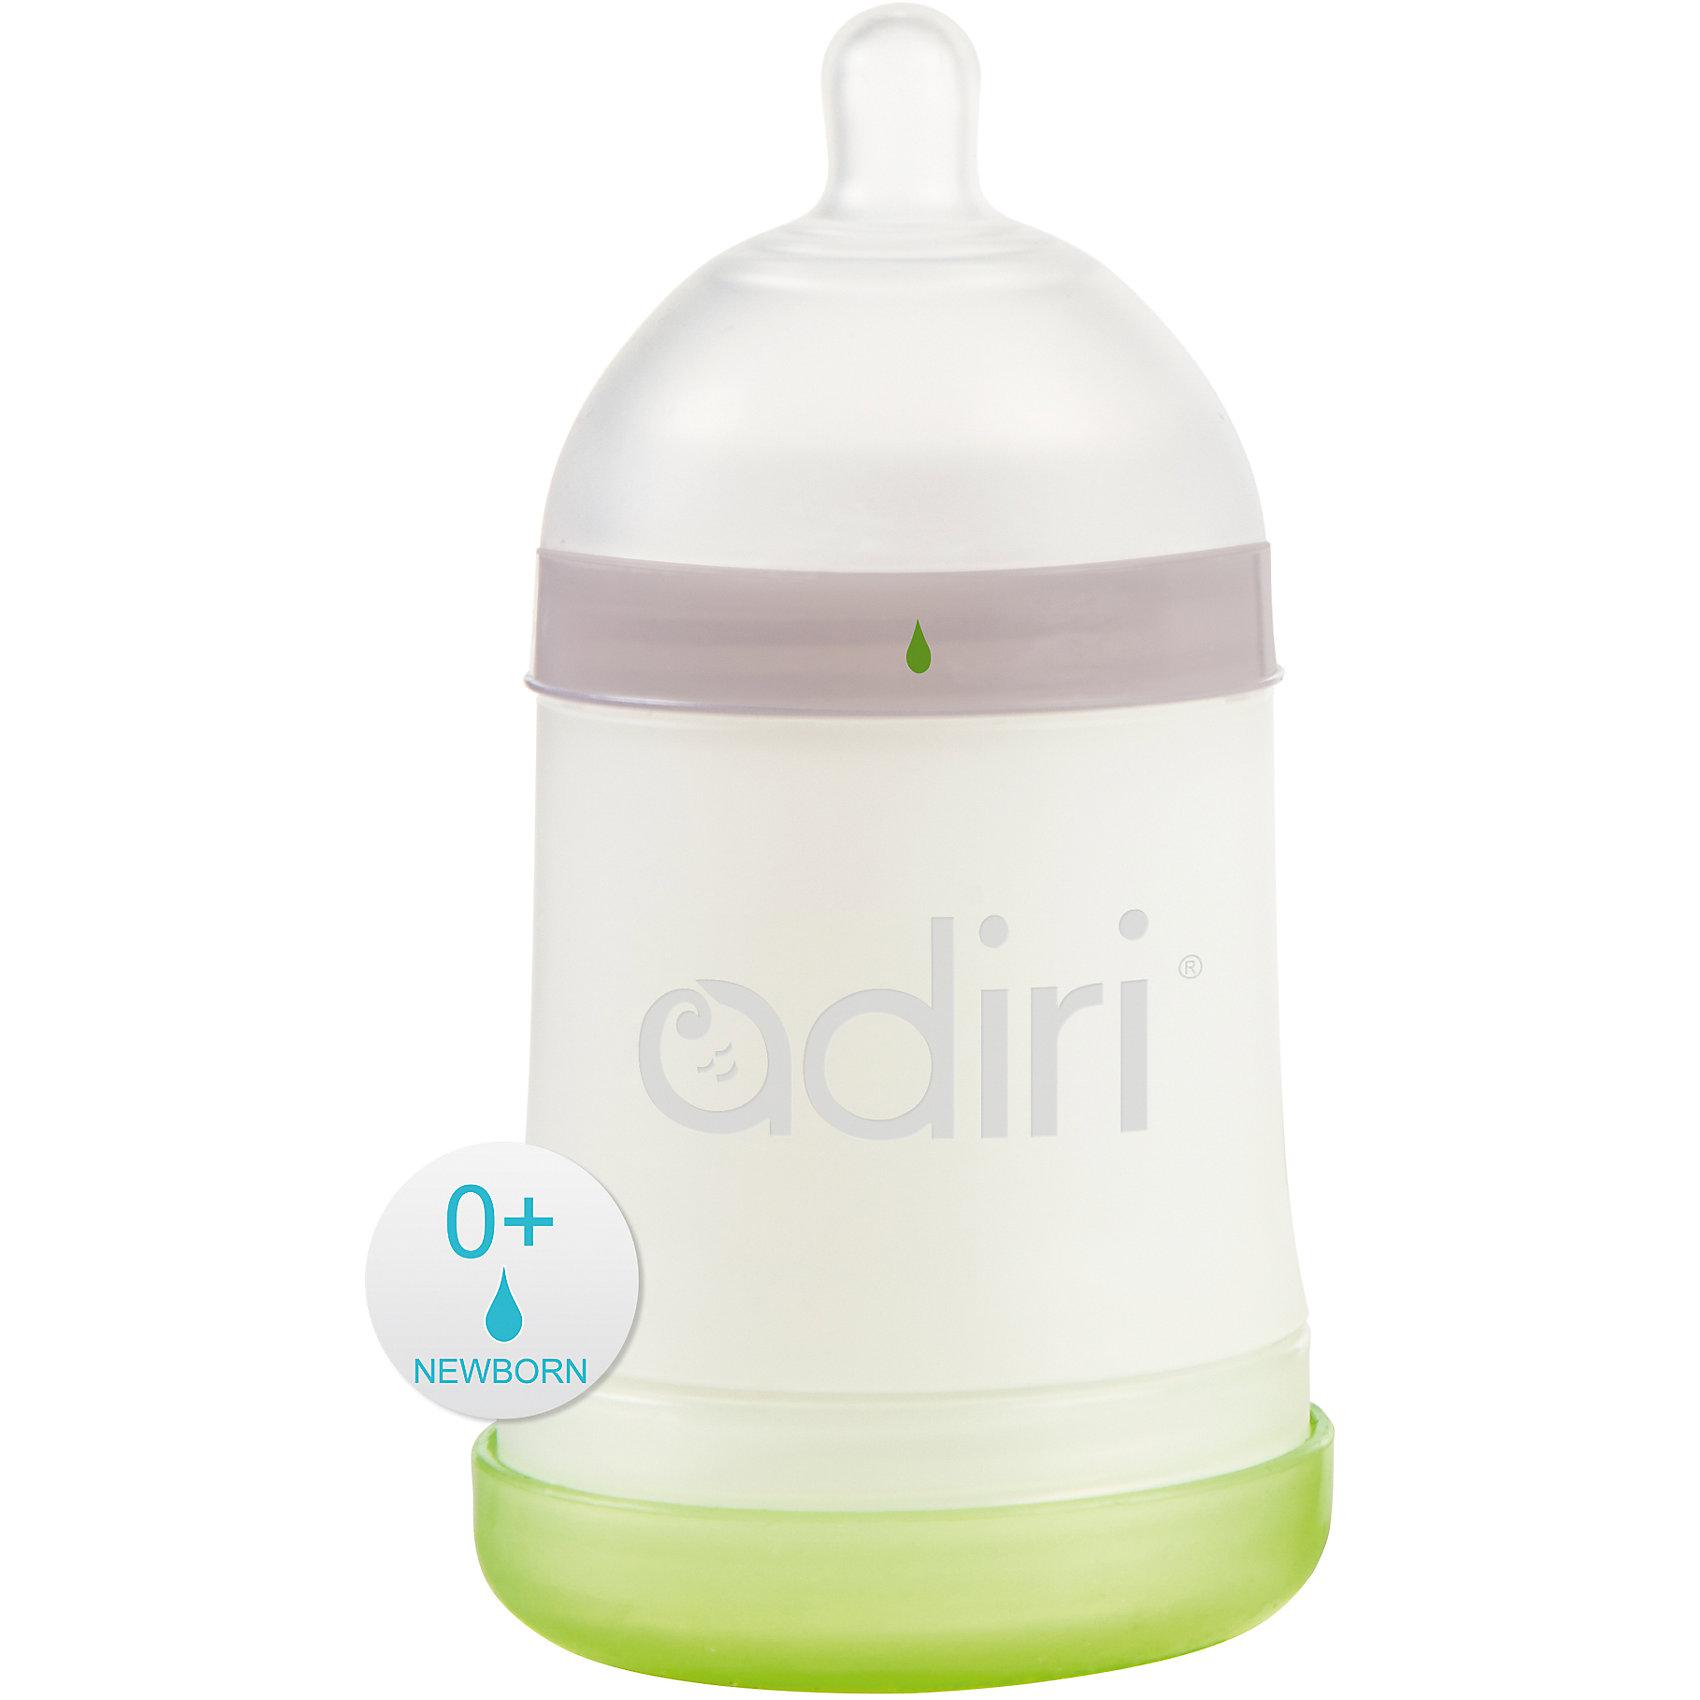 Бутылочка NxGen, Newborn Nurser, 0-3 мес., 163 мл., Adiri, white